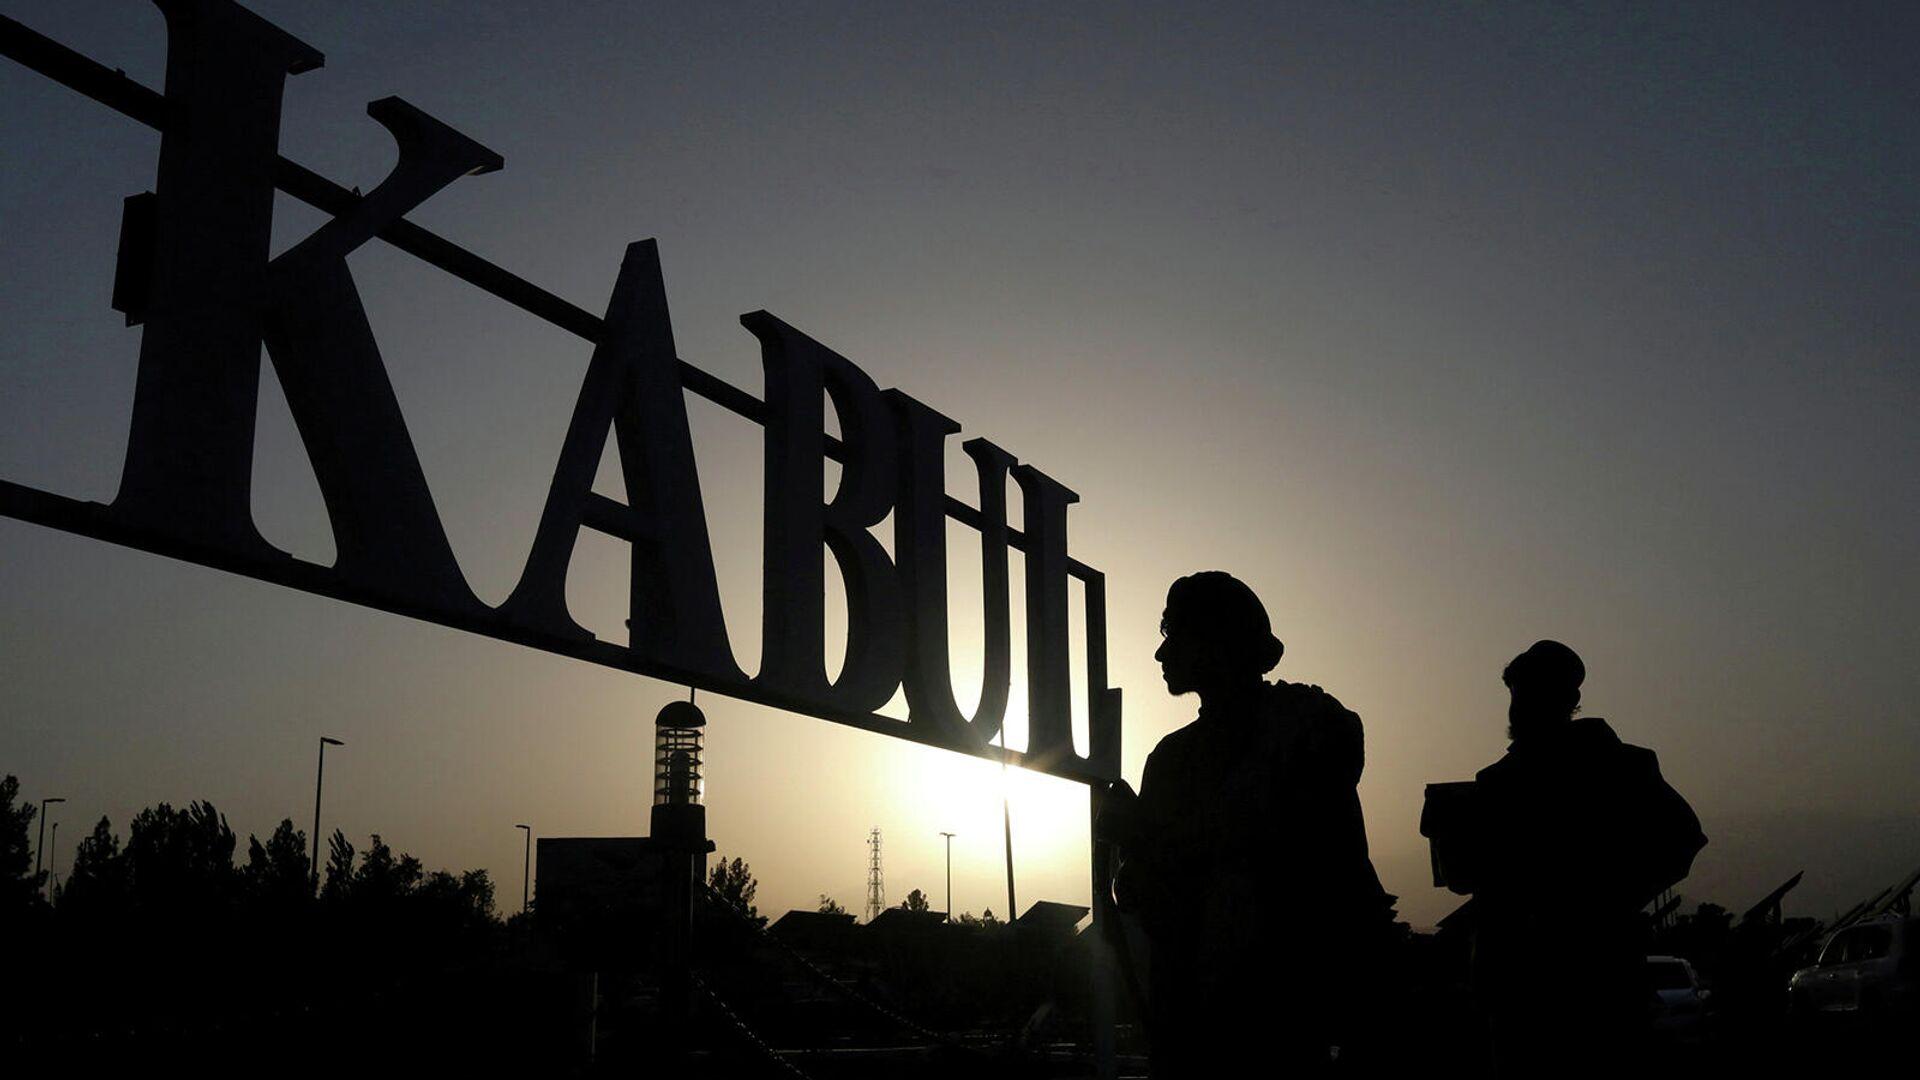 Боевики Талибана перед указательным знаком в международном аэропорту Хамида Карзая в Кабуле (9 сентября 2021). Афганистан - Sputnik Армения, 1920, 14.10.2021